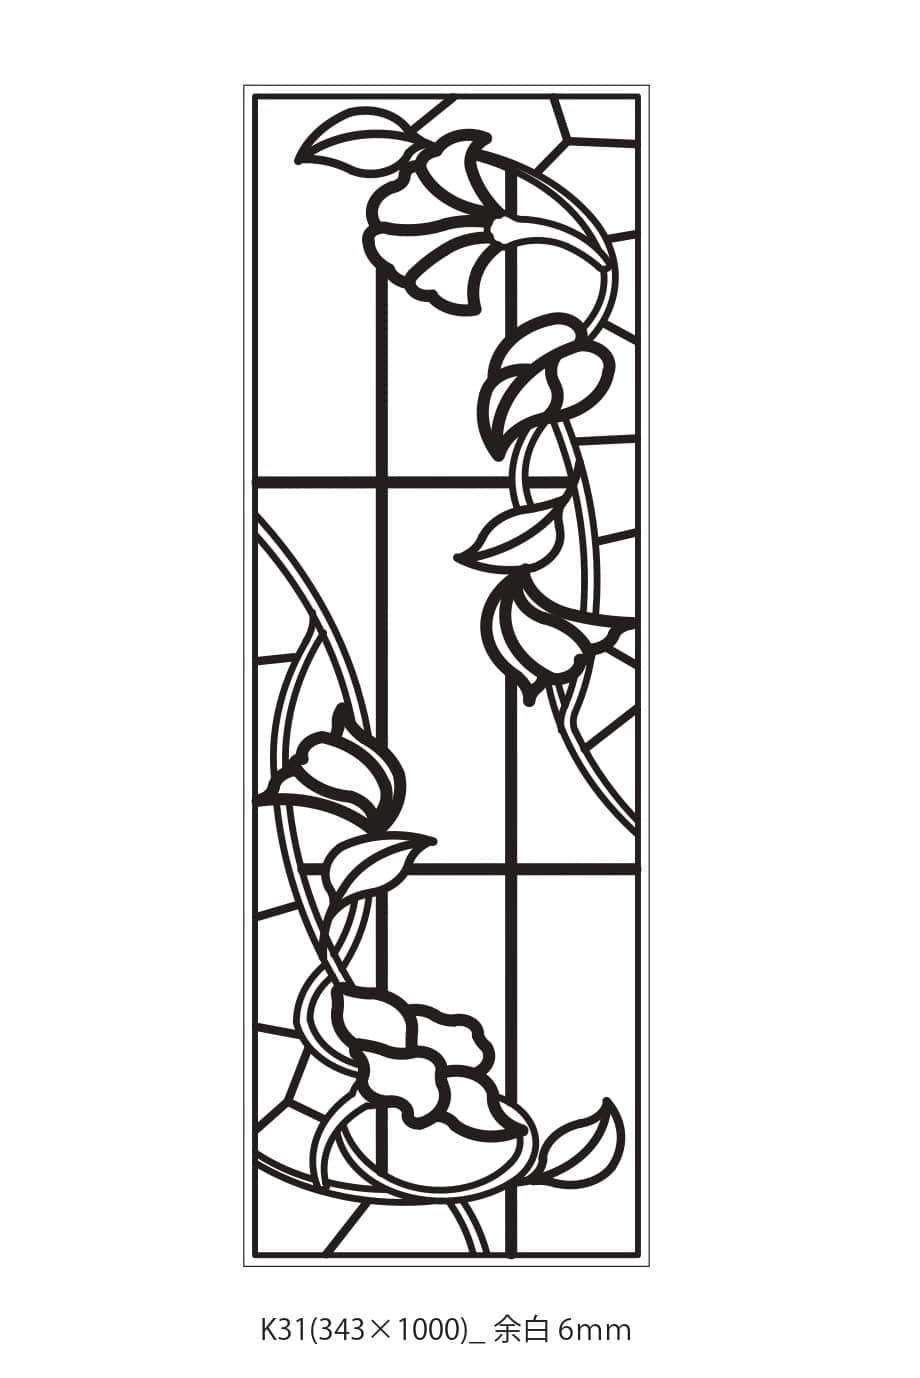 「ブリリアントモーメント K31」の線画